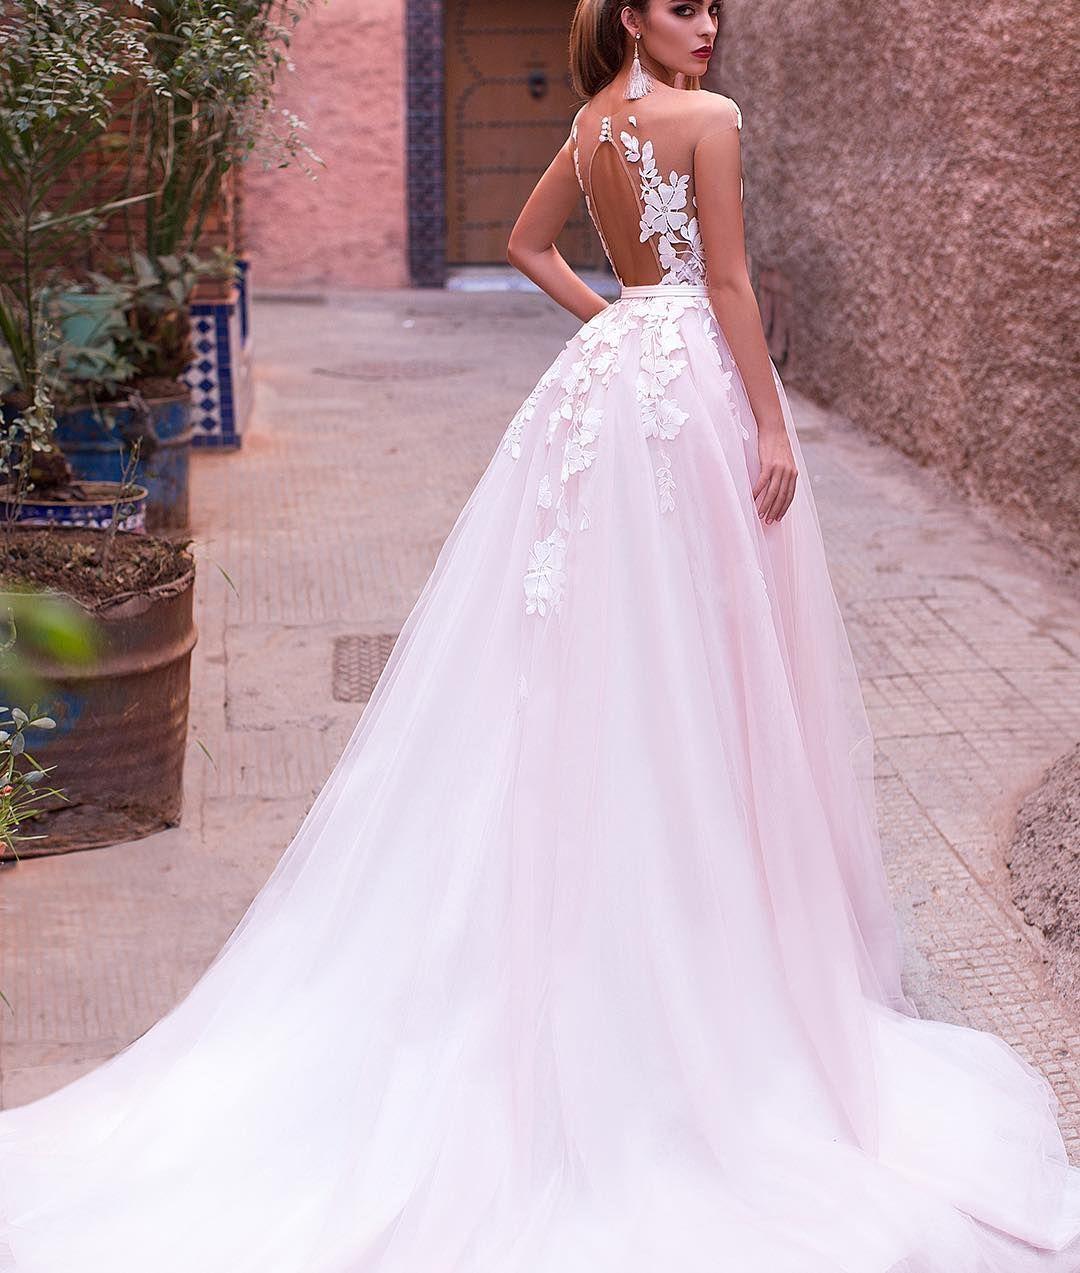 db20bfd8e2bbc91 Розовое волшебное свадебное платье - для невест, которые хотят превратить  свою свадьбу в сказочное торжество